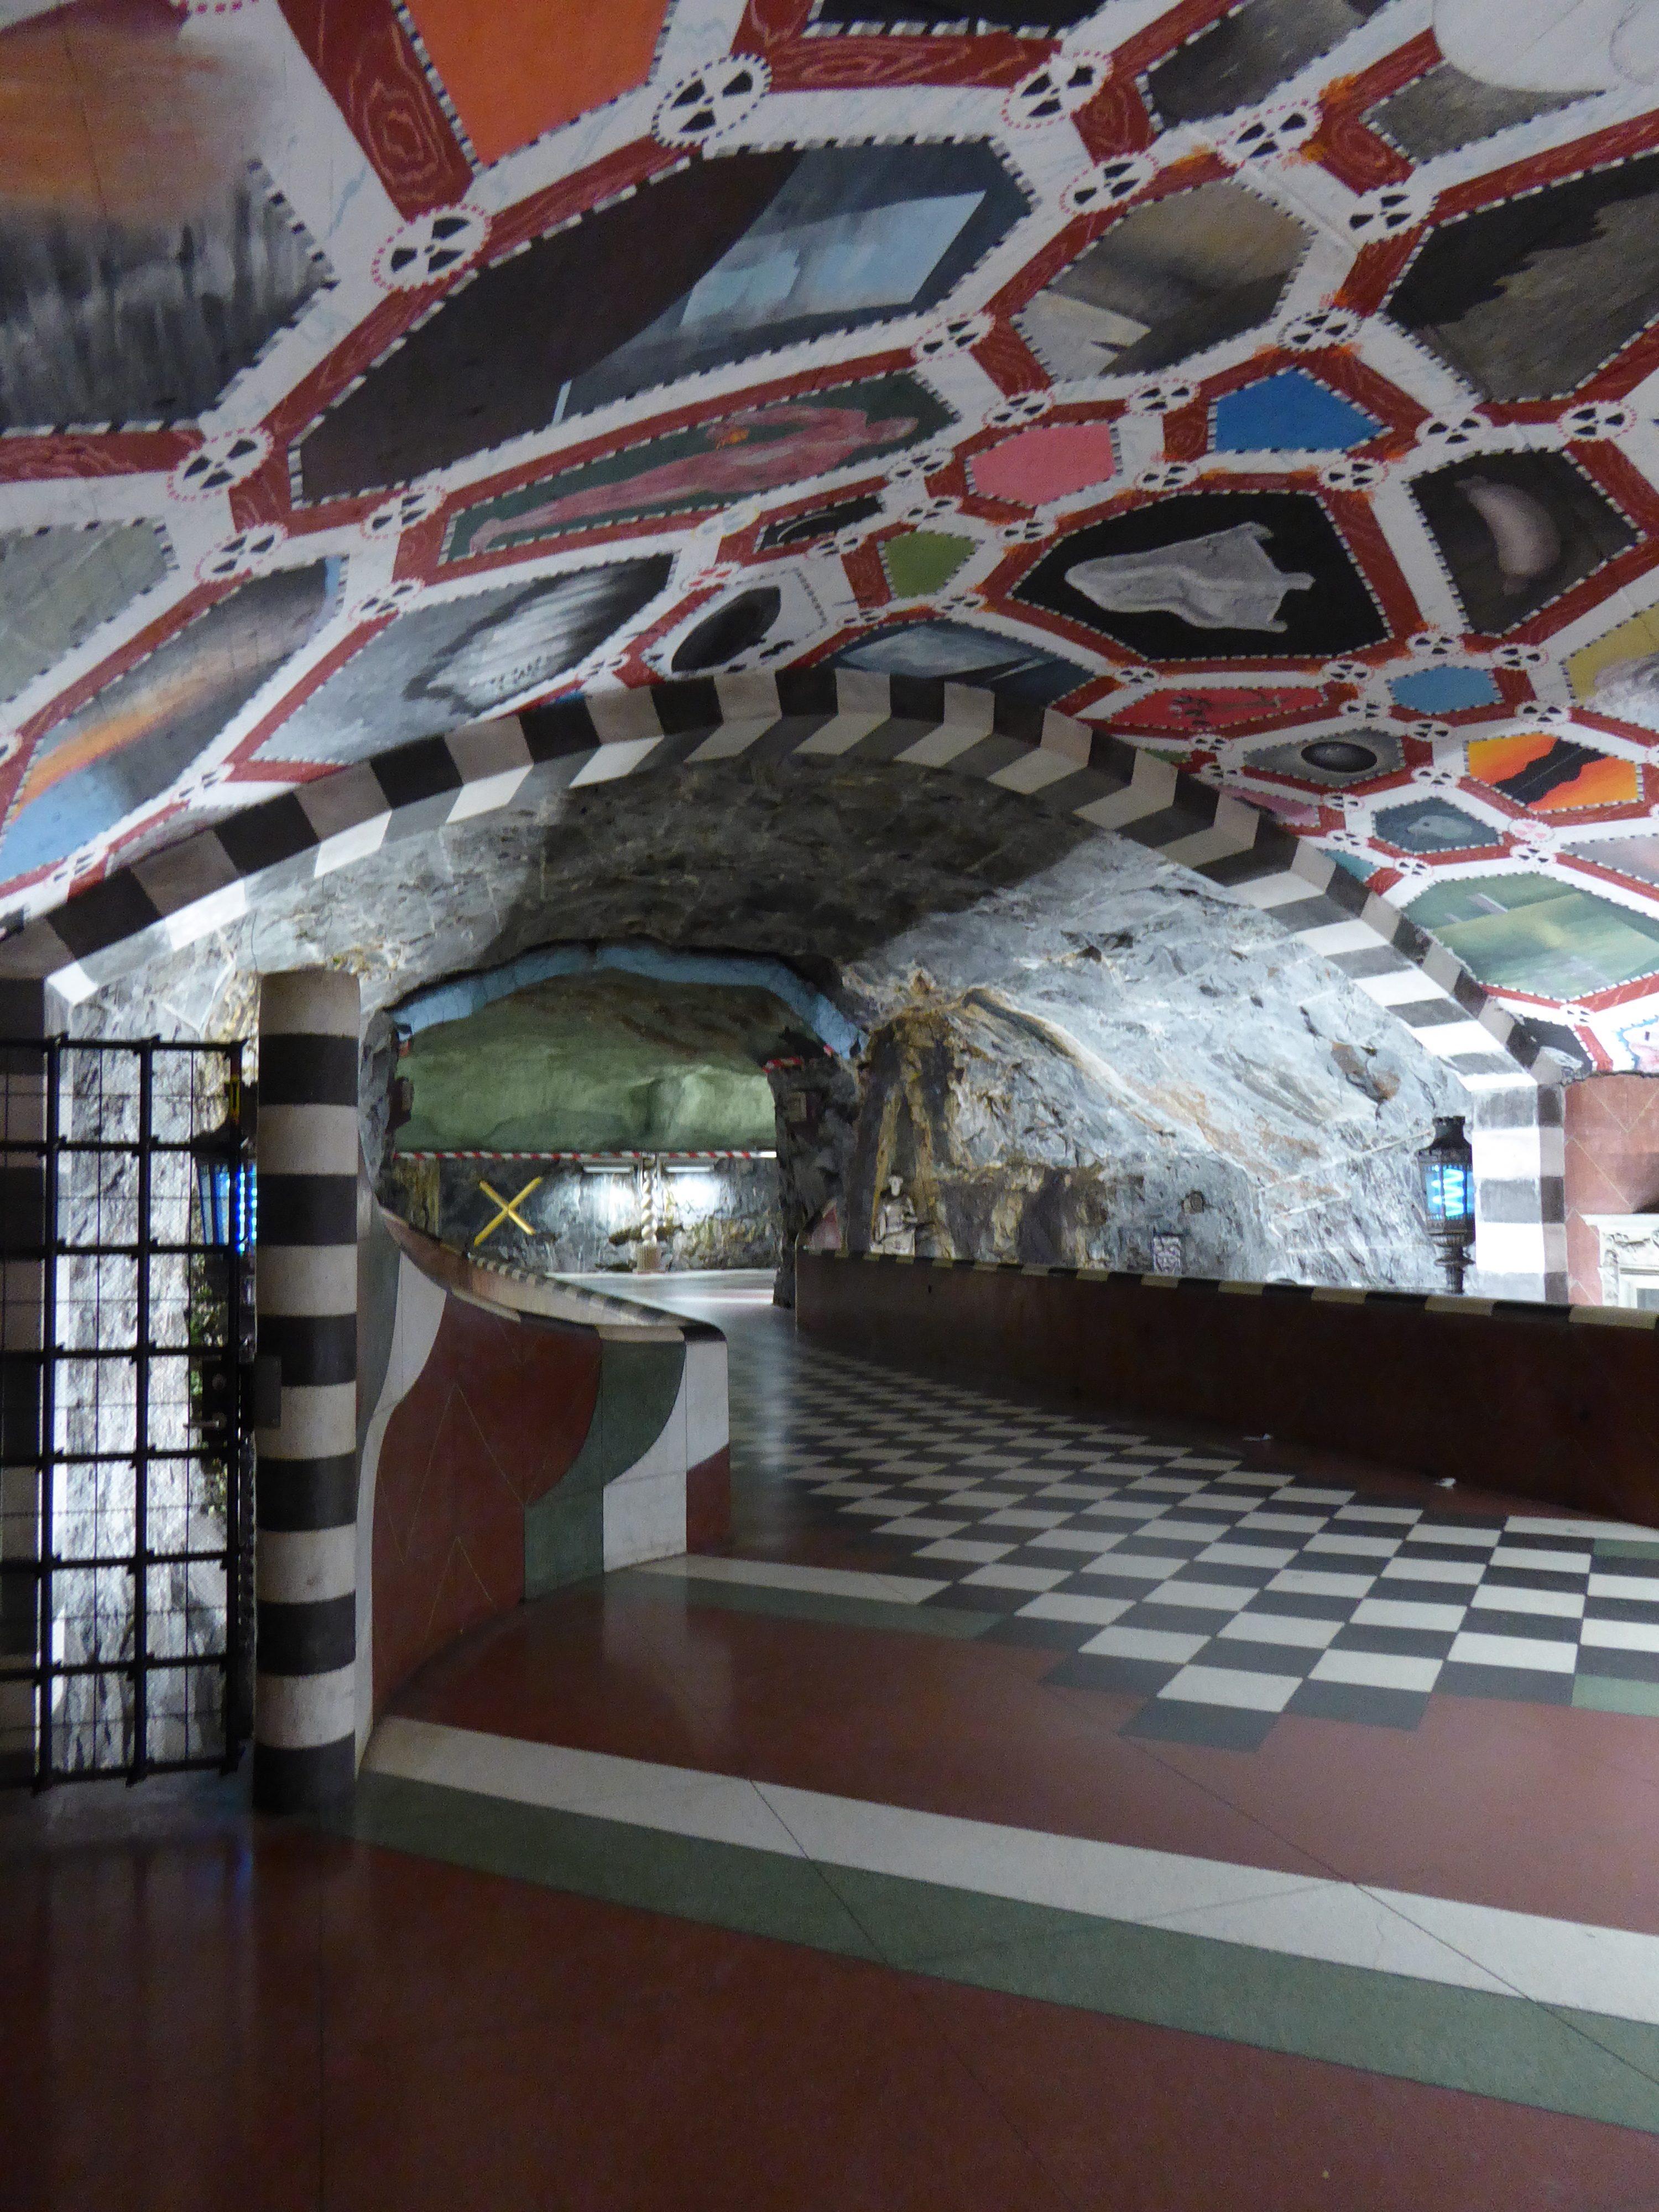 Kungsträdgården metro station in Stockholm. Art on ceiling, floor and walls.